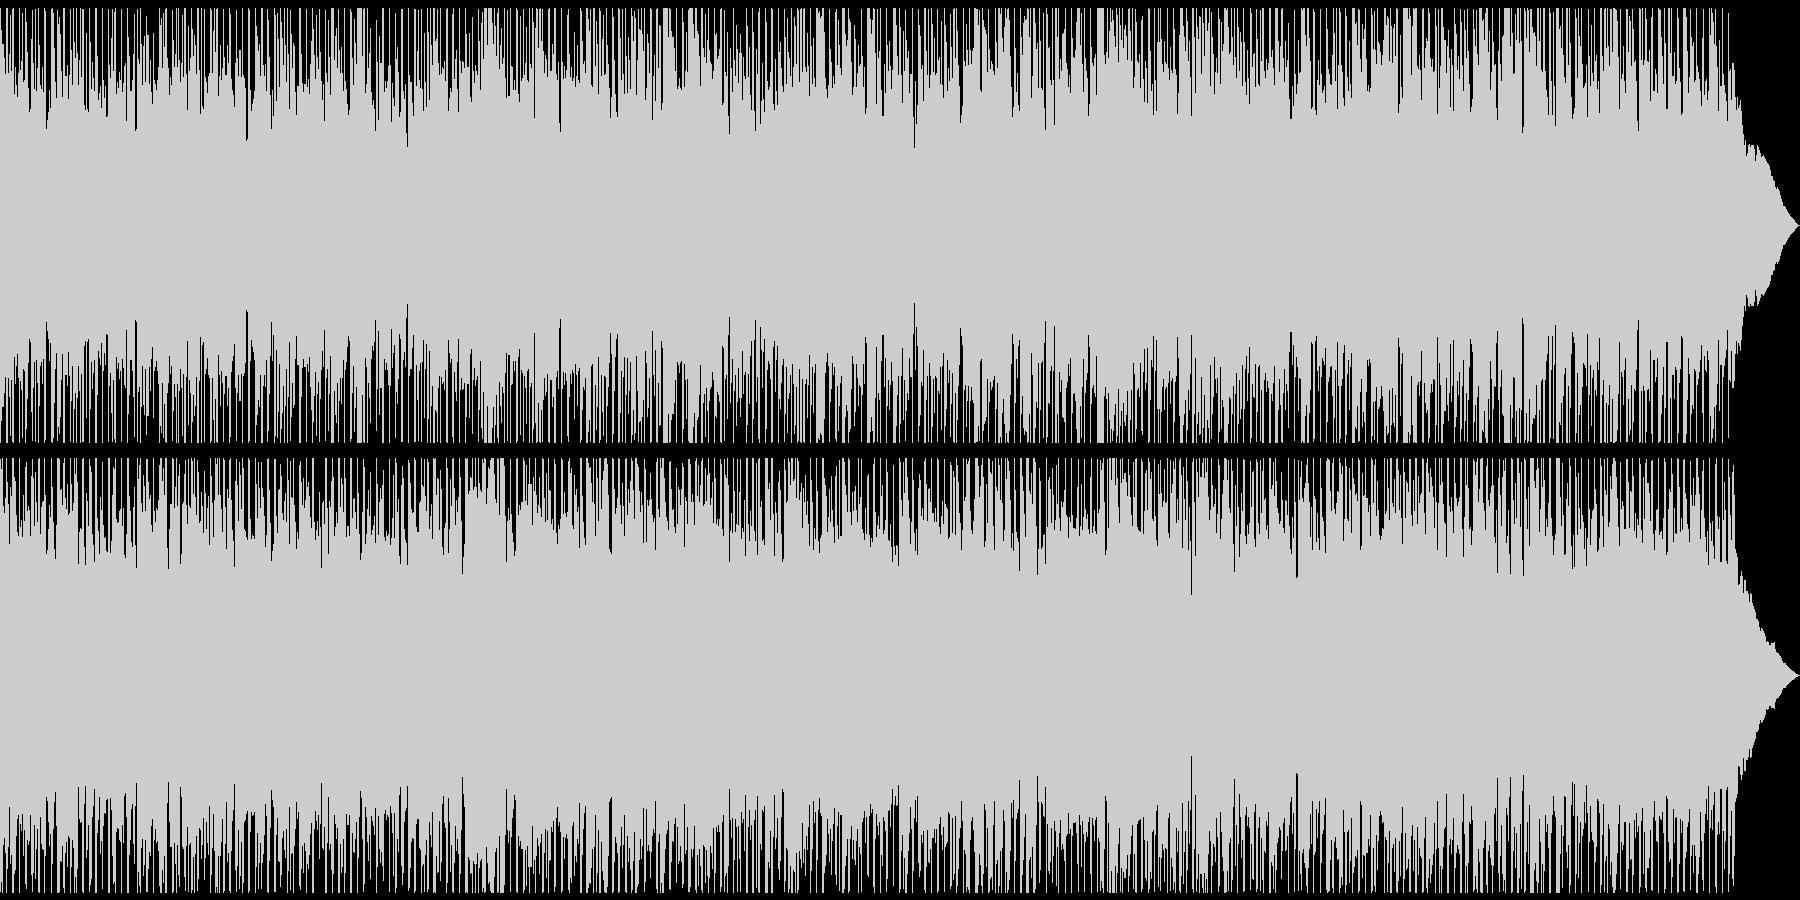 アコギとマリンバによる清涼感溢れるPOPの未再生の波形